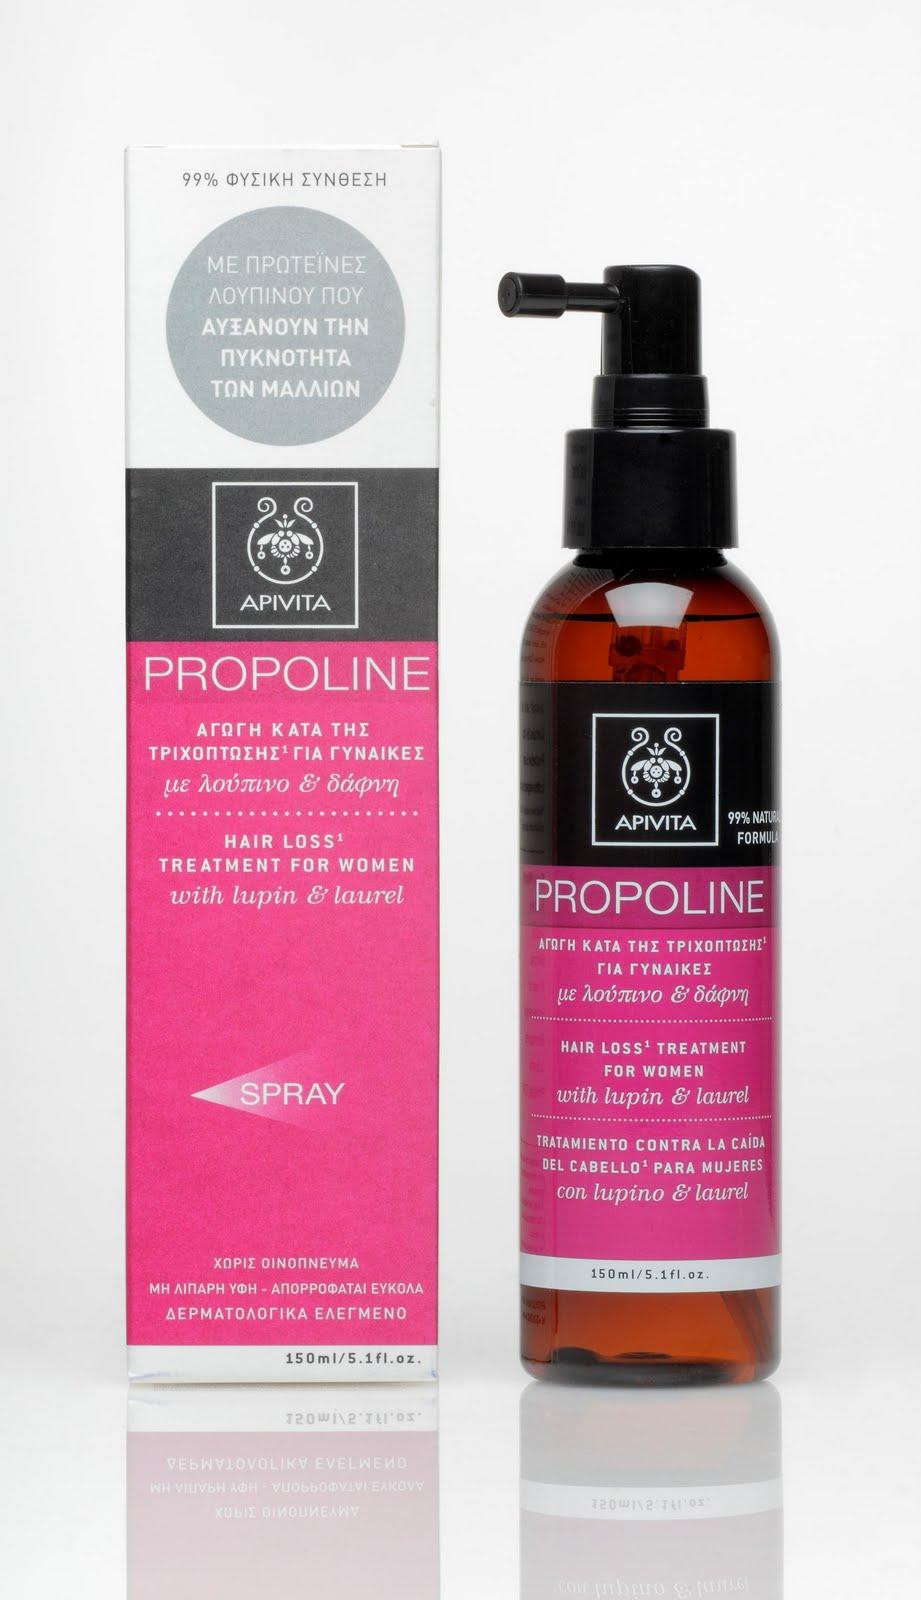 Propoline locion de tratamiento para la caida del cabello de lupino y laurel